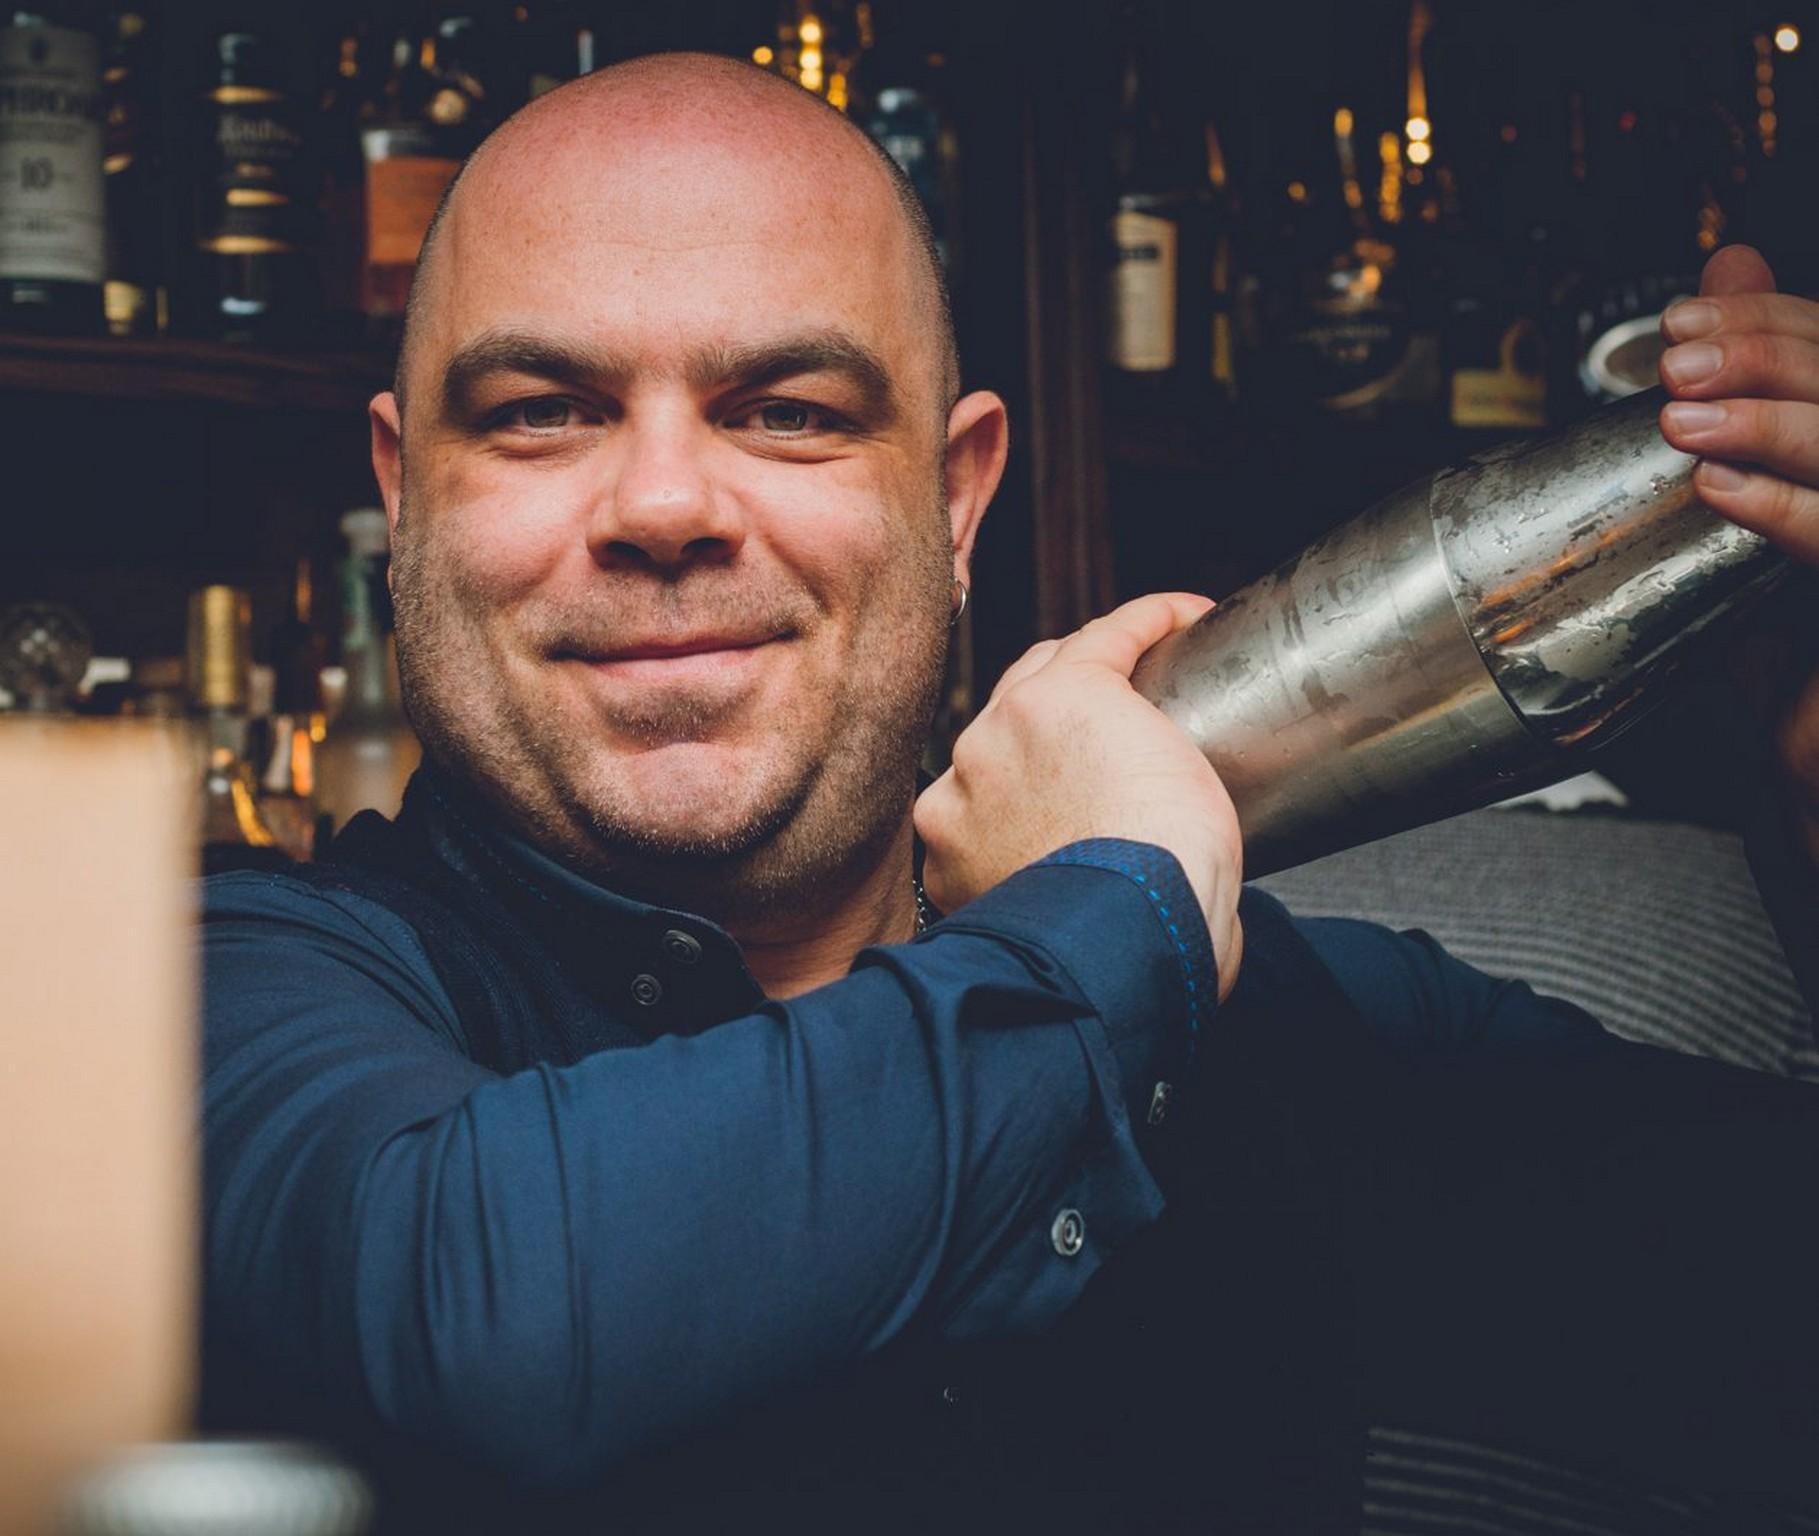 fabio_camboni_Gaeta_Drink_Positive_consulenze__apertura_locali_corsi_barman_053